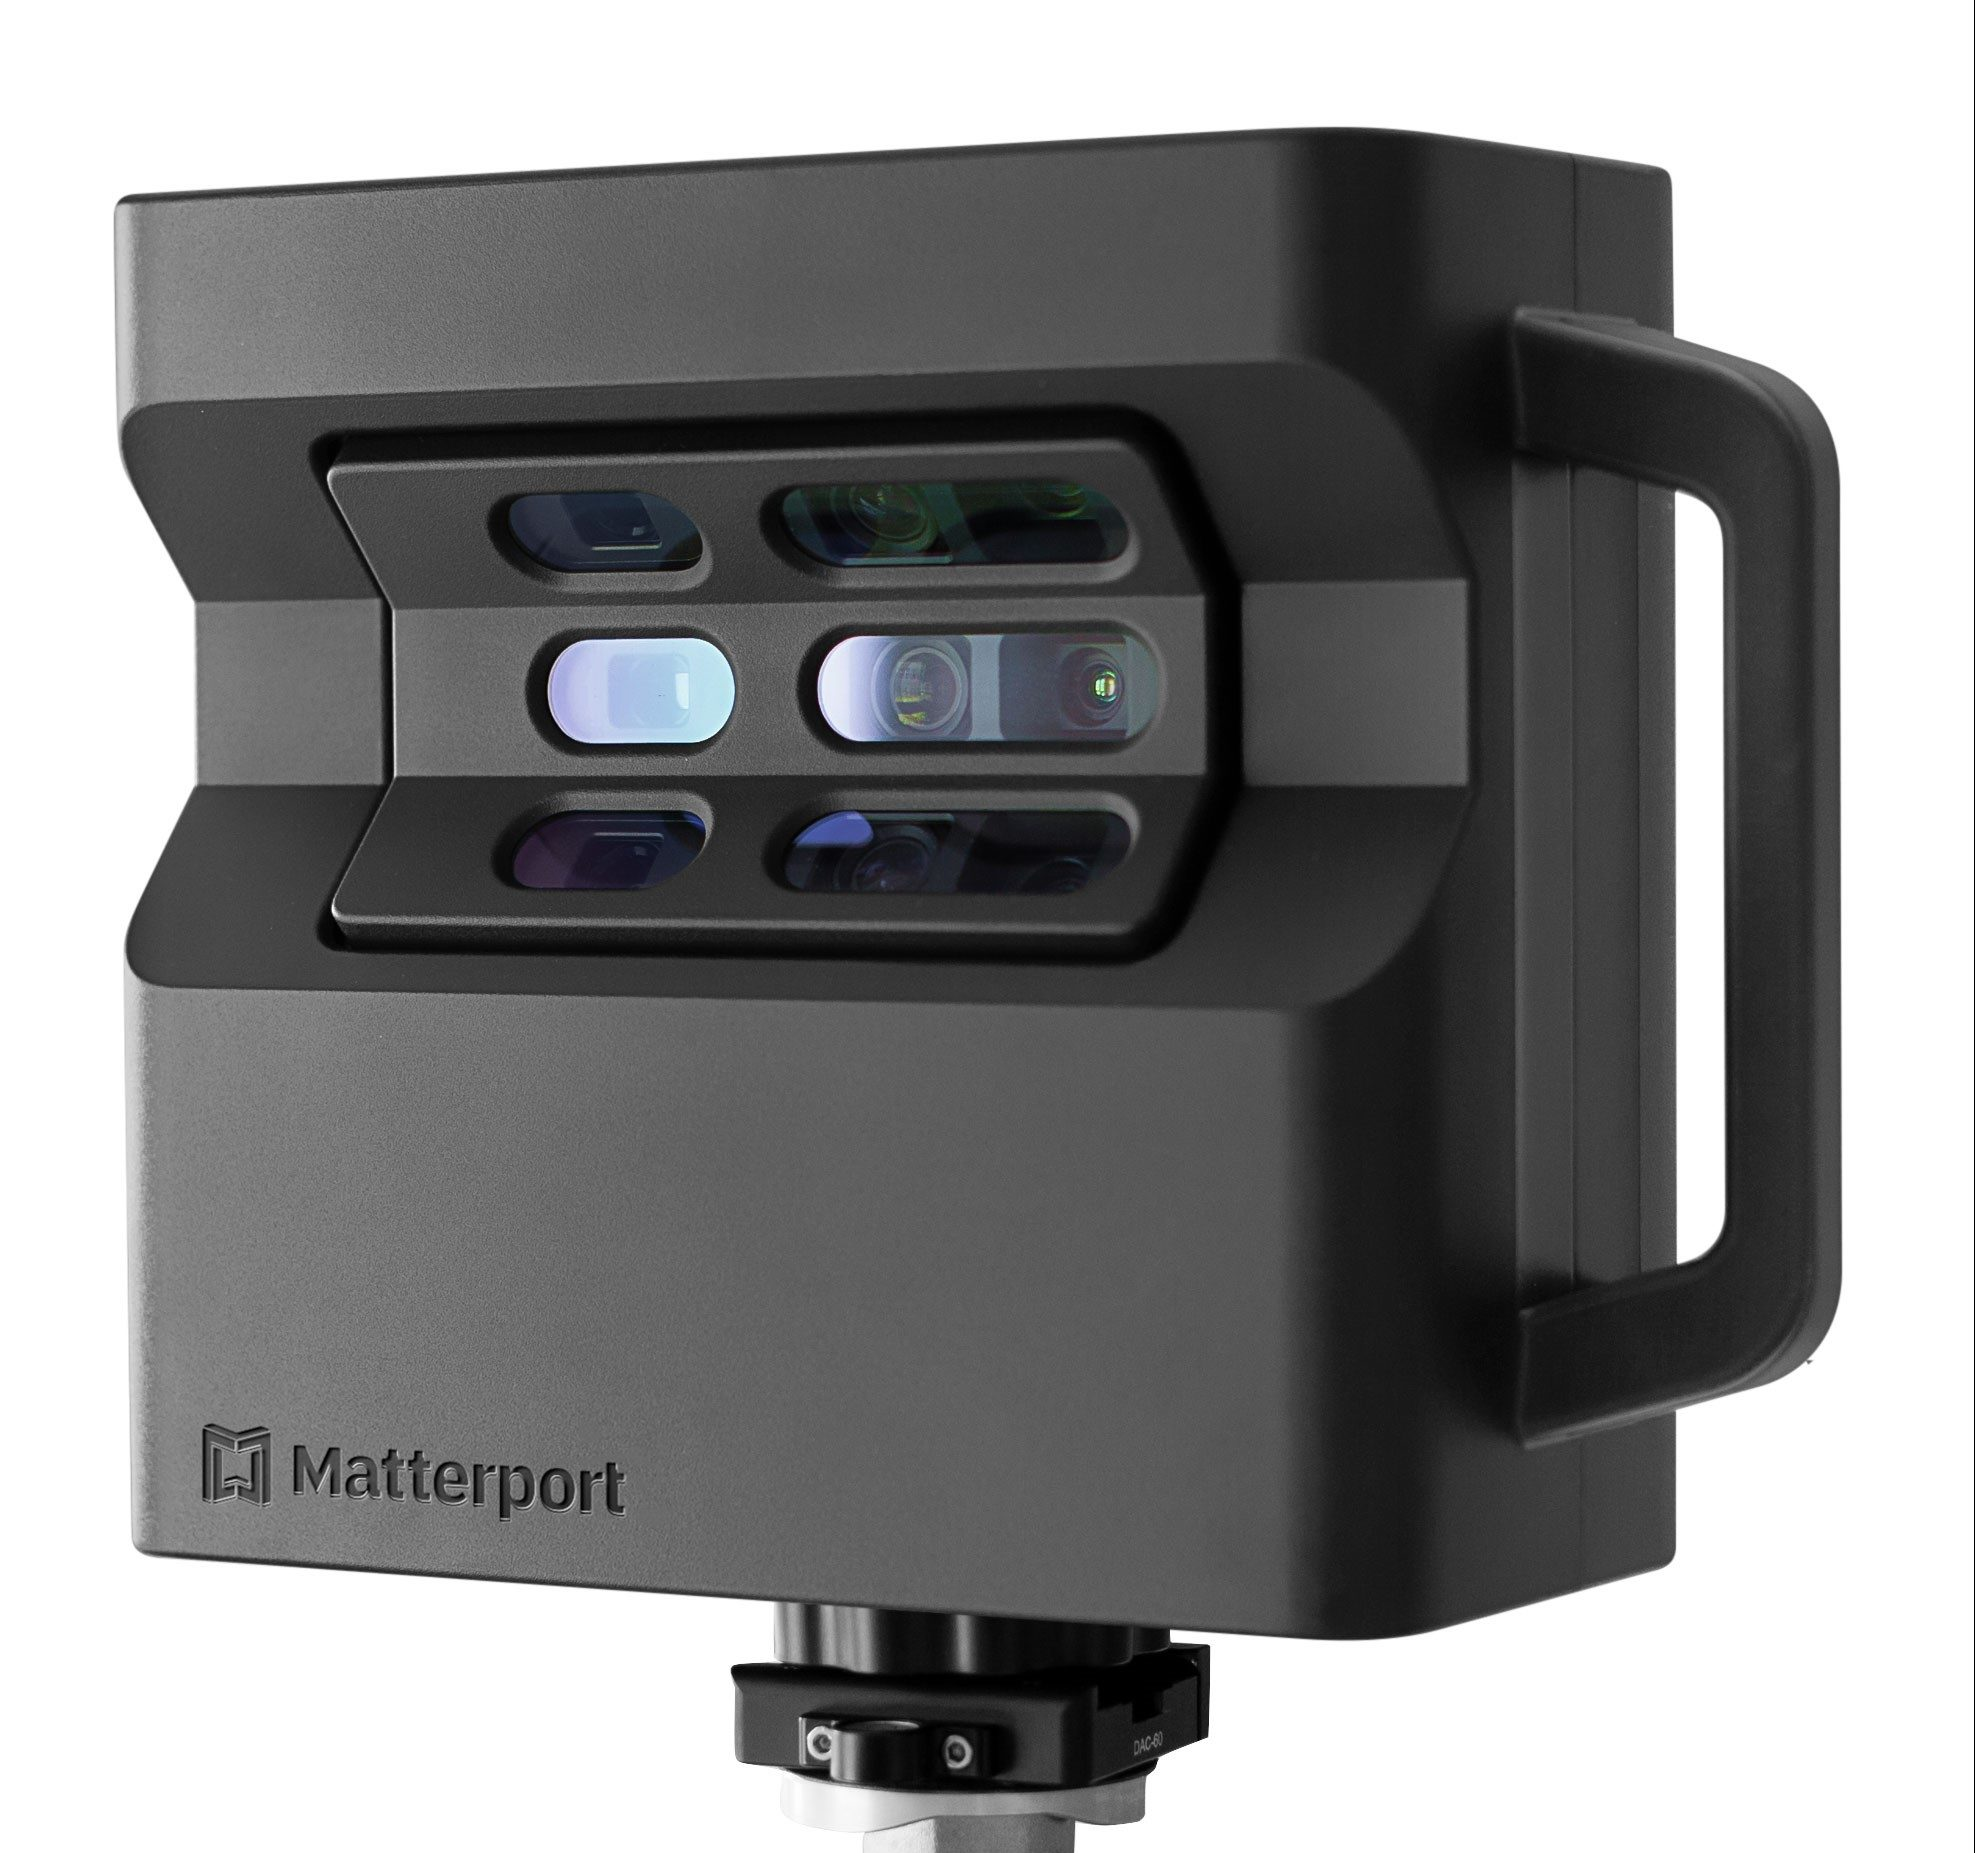 Matterport Scanner